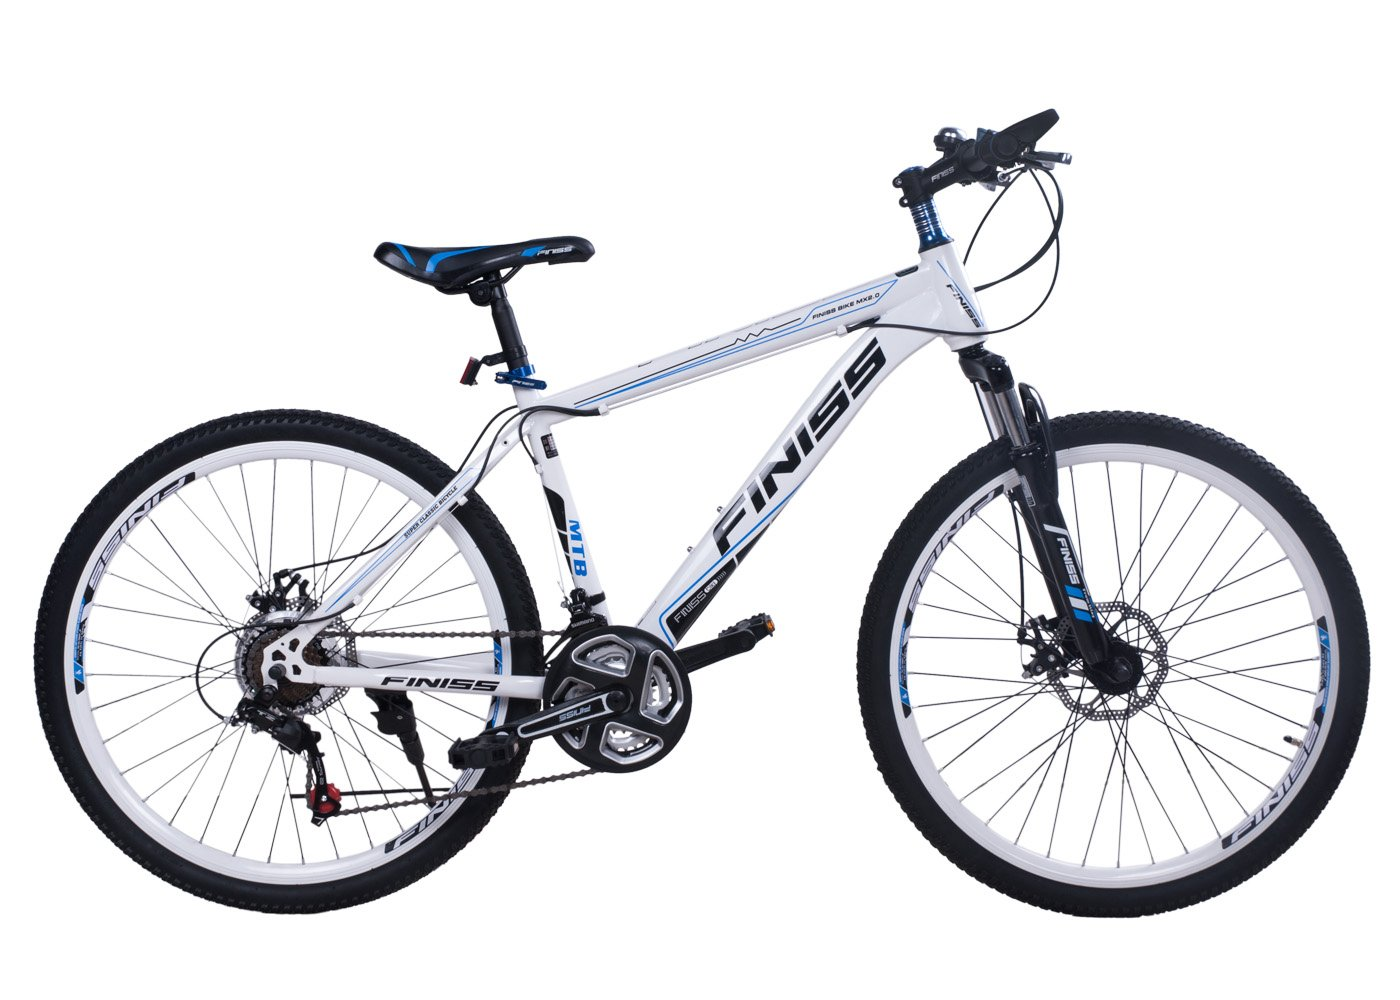 SHINEWOOD(シャインウッド) 自転車 26インチ マウンテンバイク MTB フロントサスペンション シマノ21段変速  前後機械式ディスクブレーキ ライト・鍵・フレームバッグ3点付き 3色